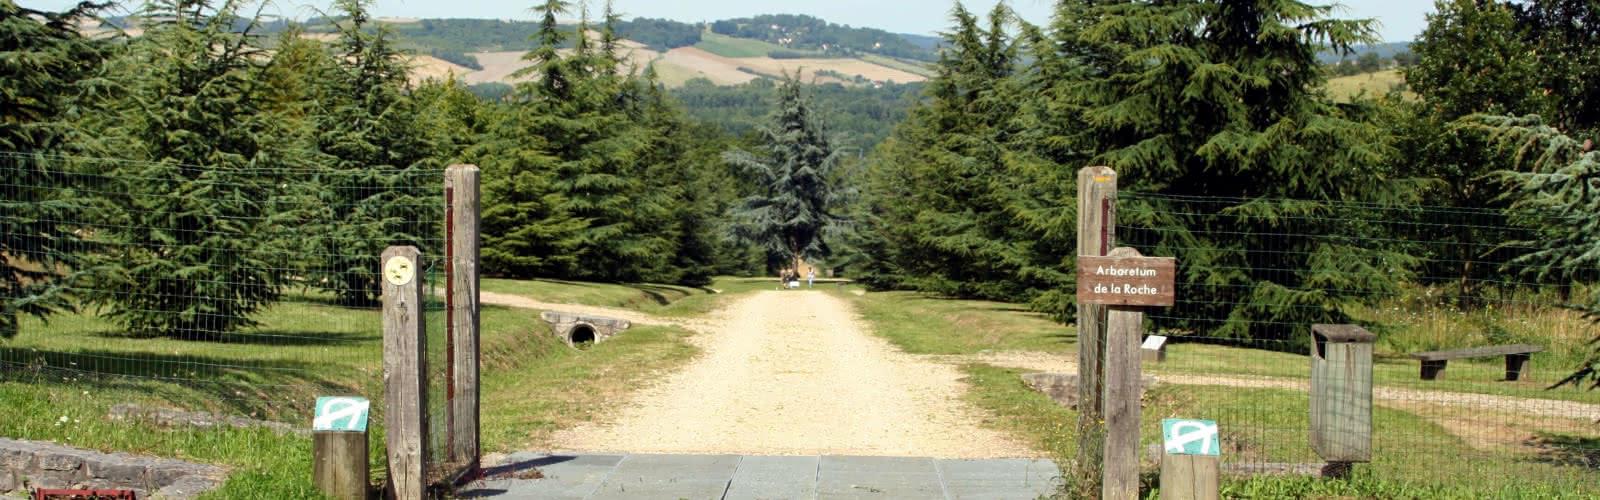 Entrée de l'arboretum de la Roche